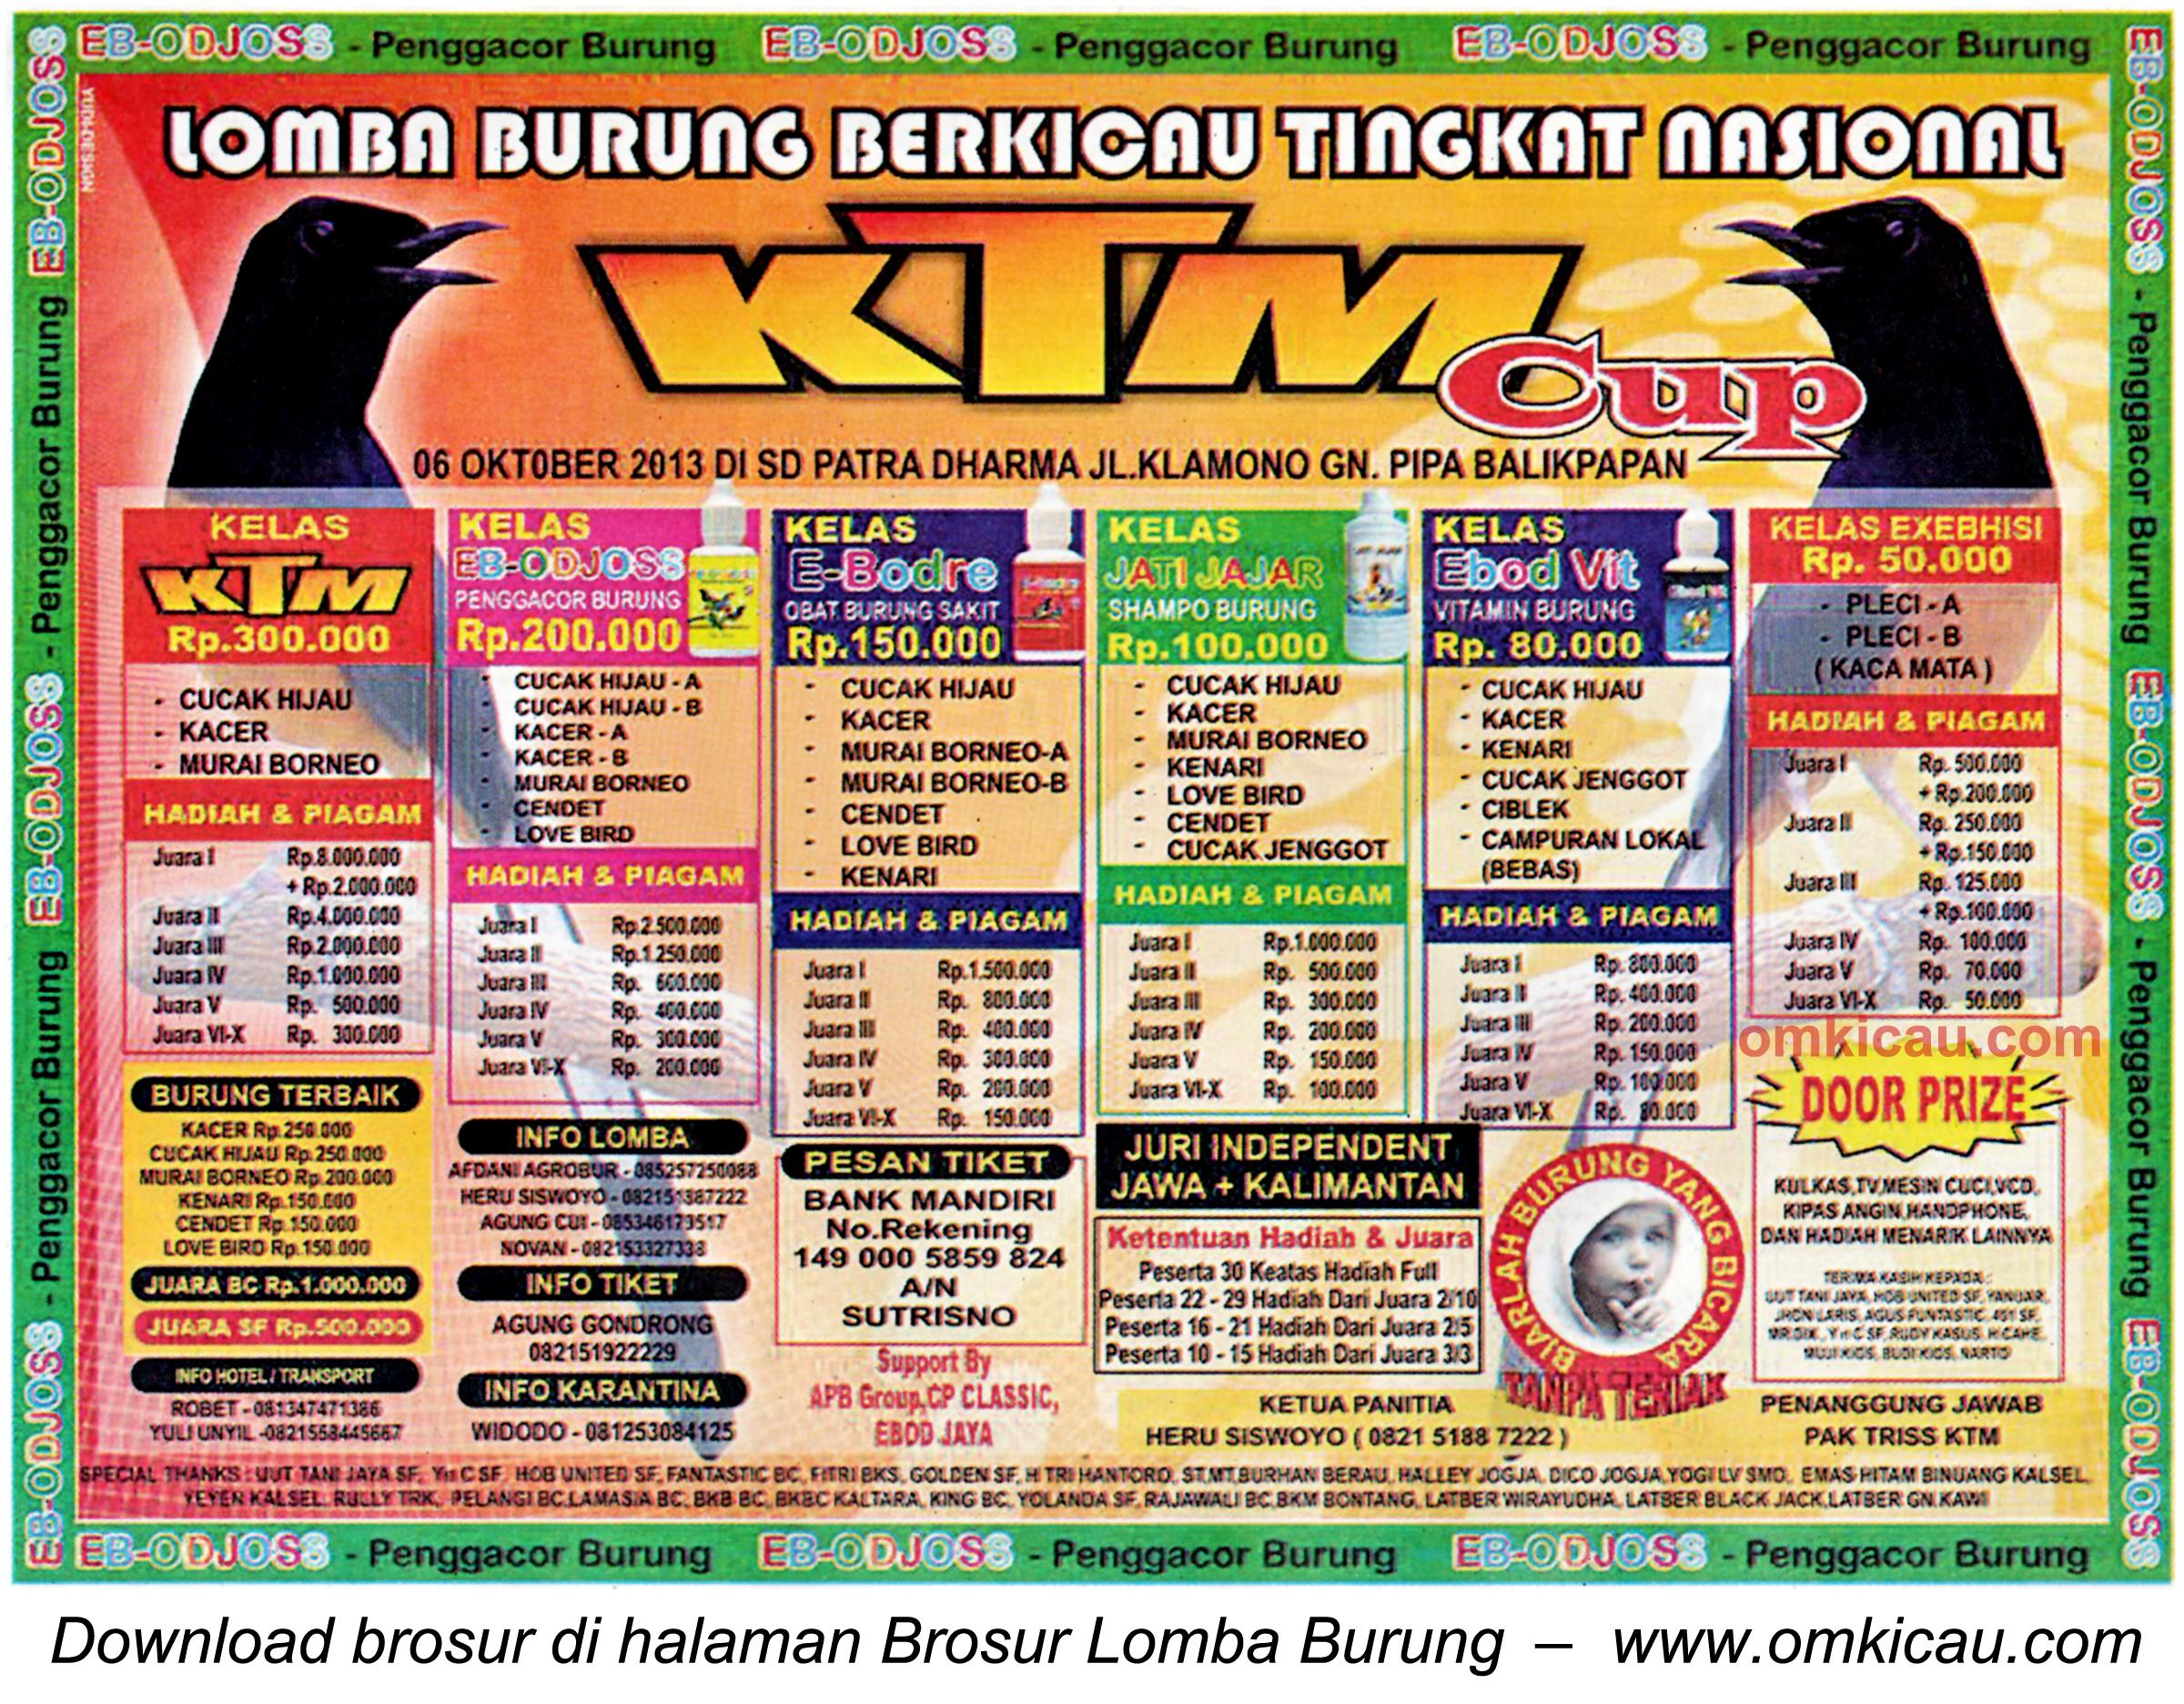 Brosur Lomba Burung KTM Cup Balikpapan 6 Oktober 2013